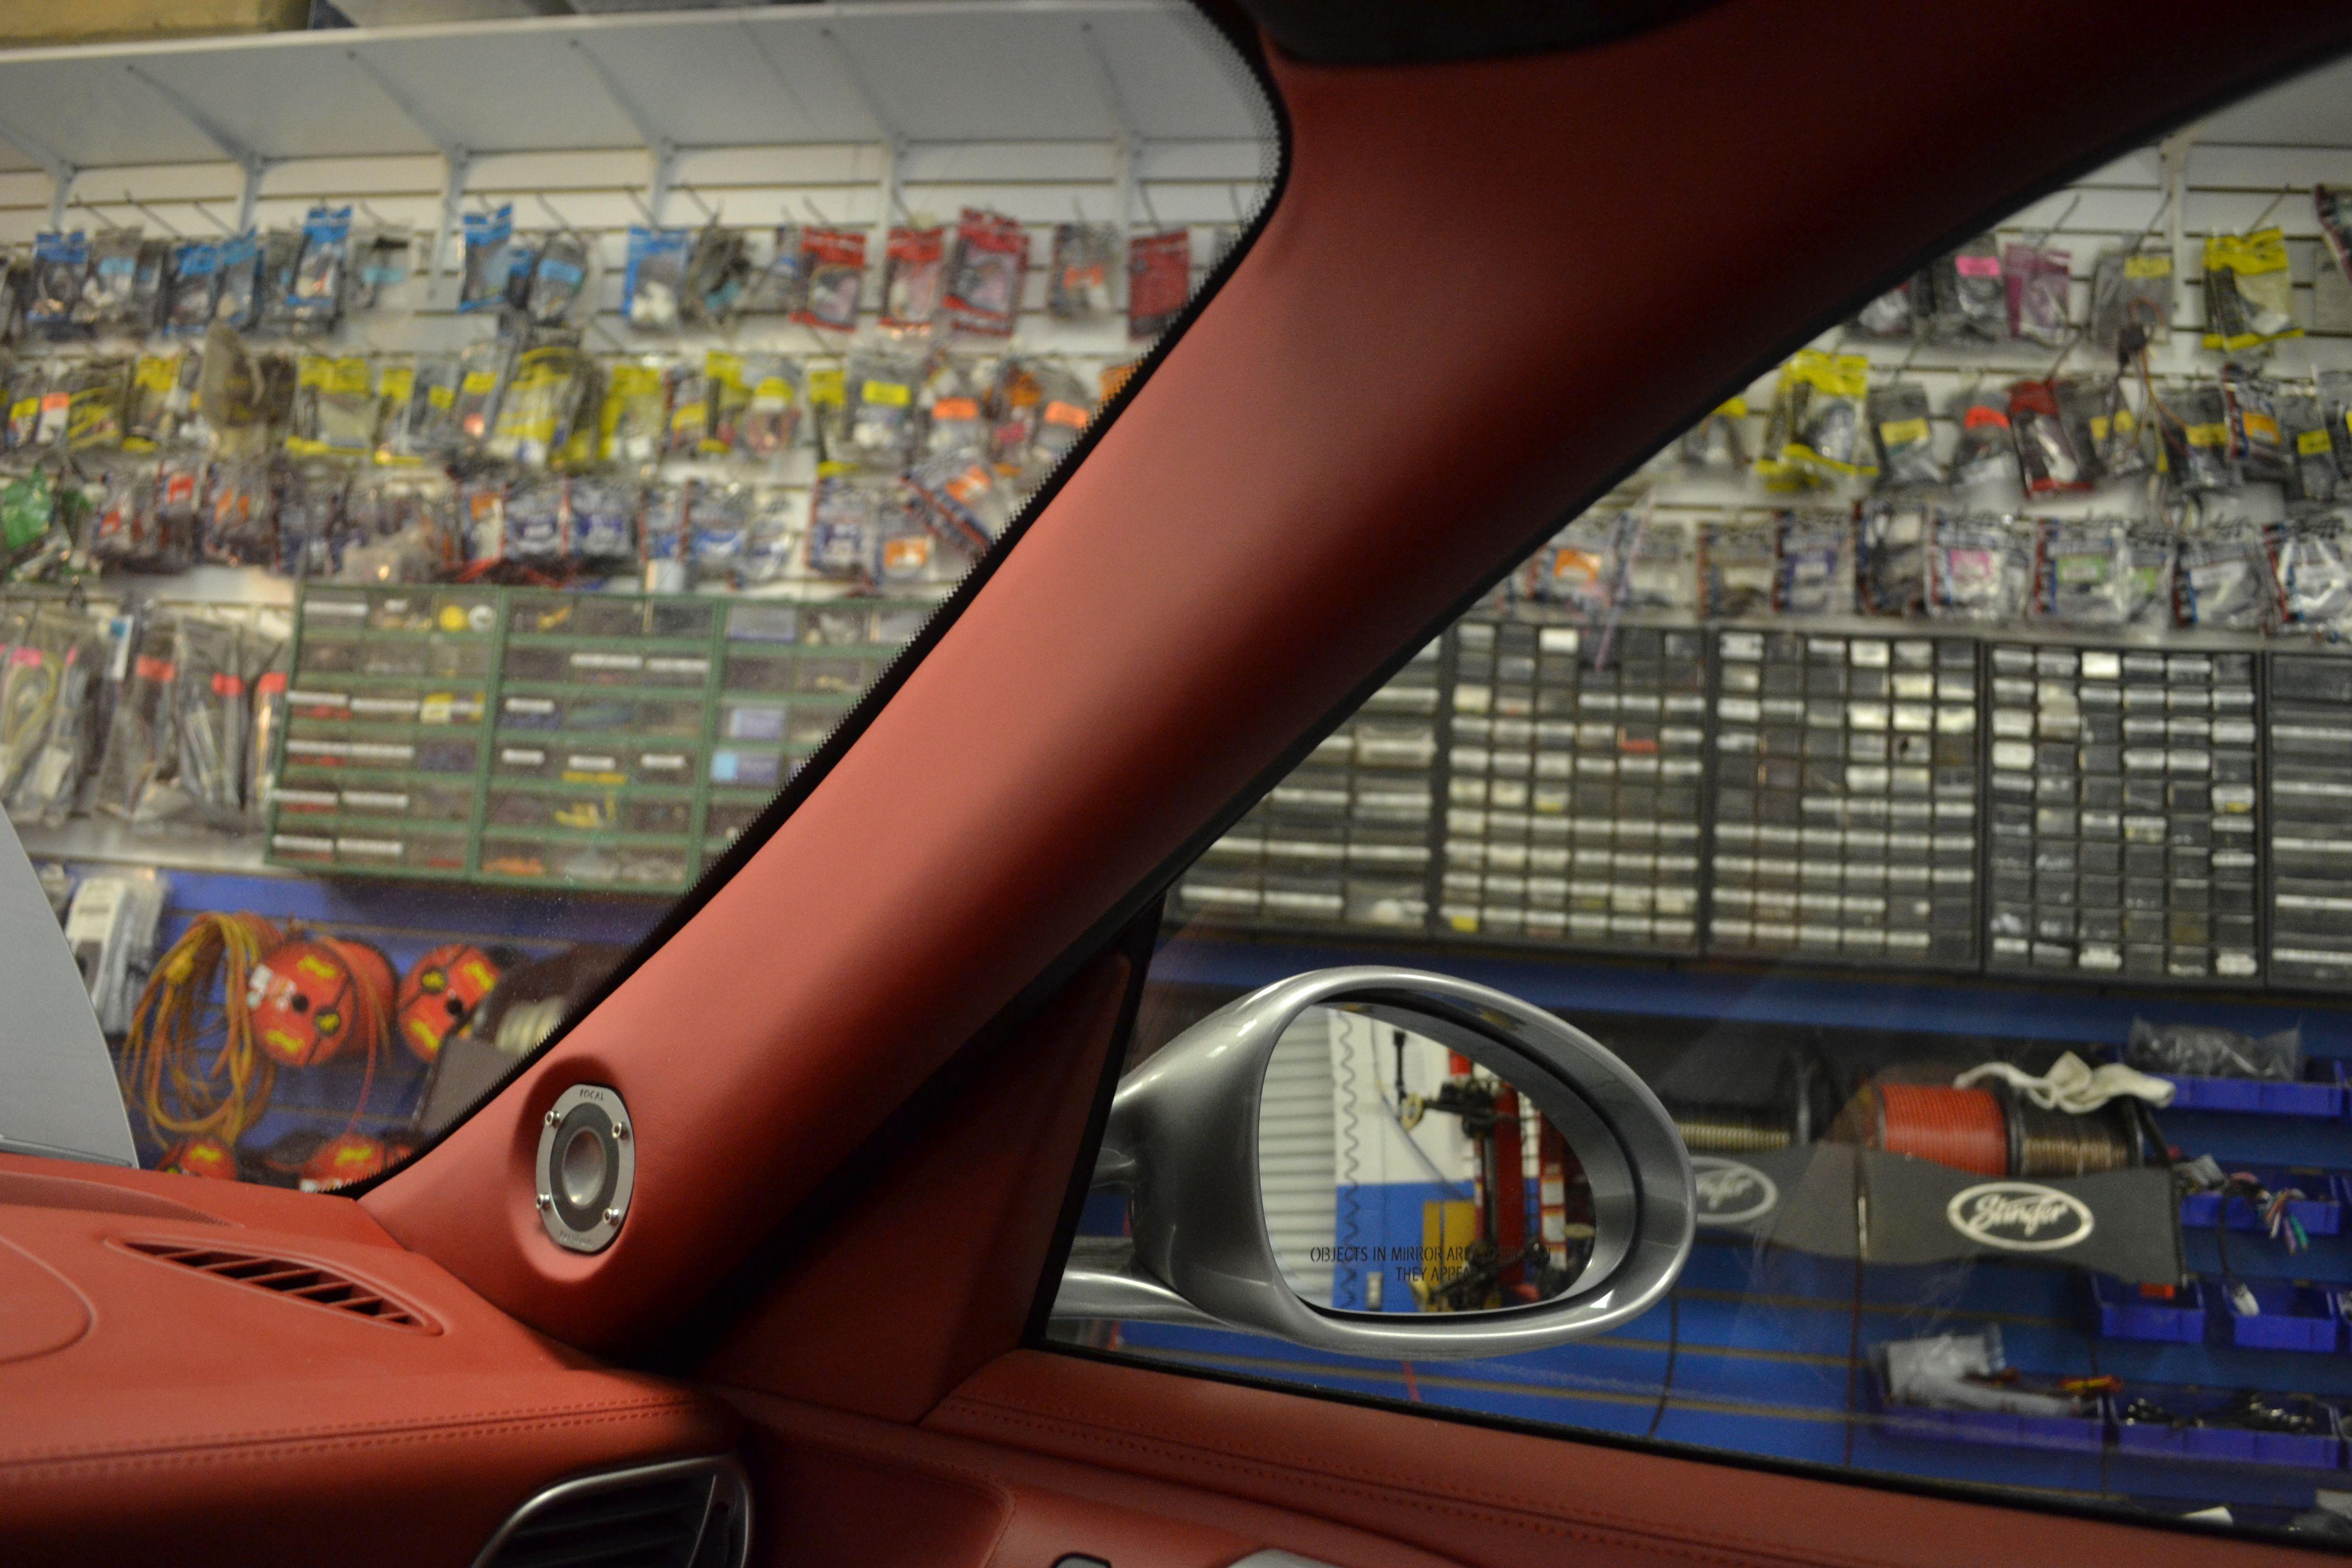 Porsche 911 turbo s 2012 focal utopia tweeter in custom a pillar